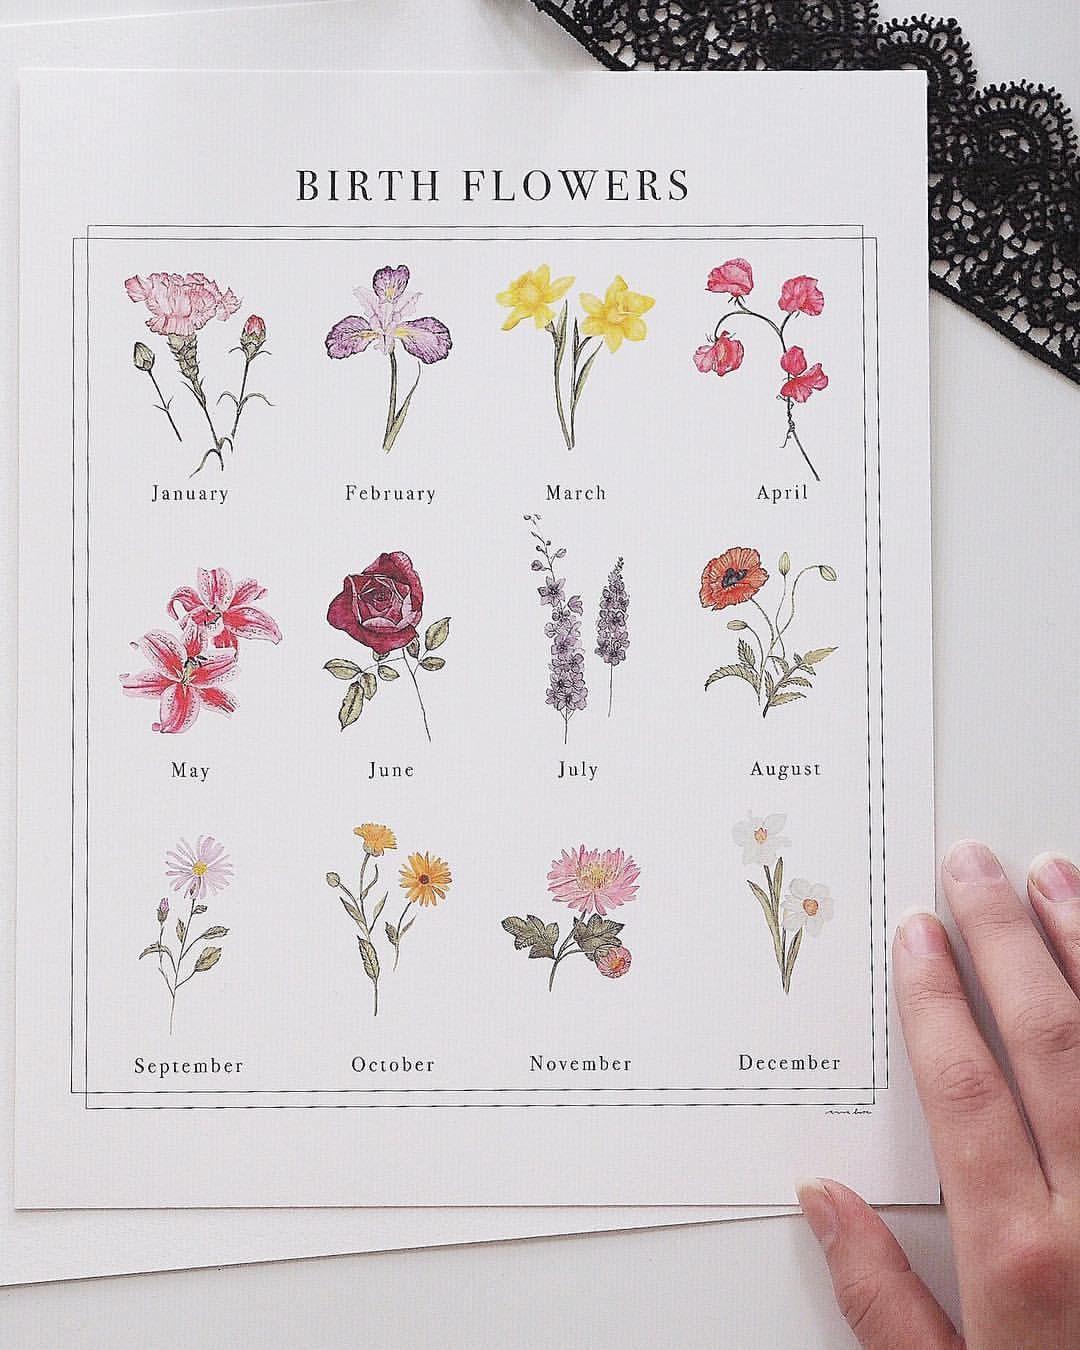 June Birth Flower Tattoo : birth, flower, tattoo, Birth, Flowers, @annaliisamoss, Flower, Tattoos,, Flowers,, Larkspur, Tattoo